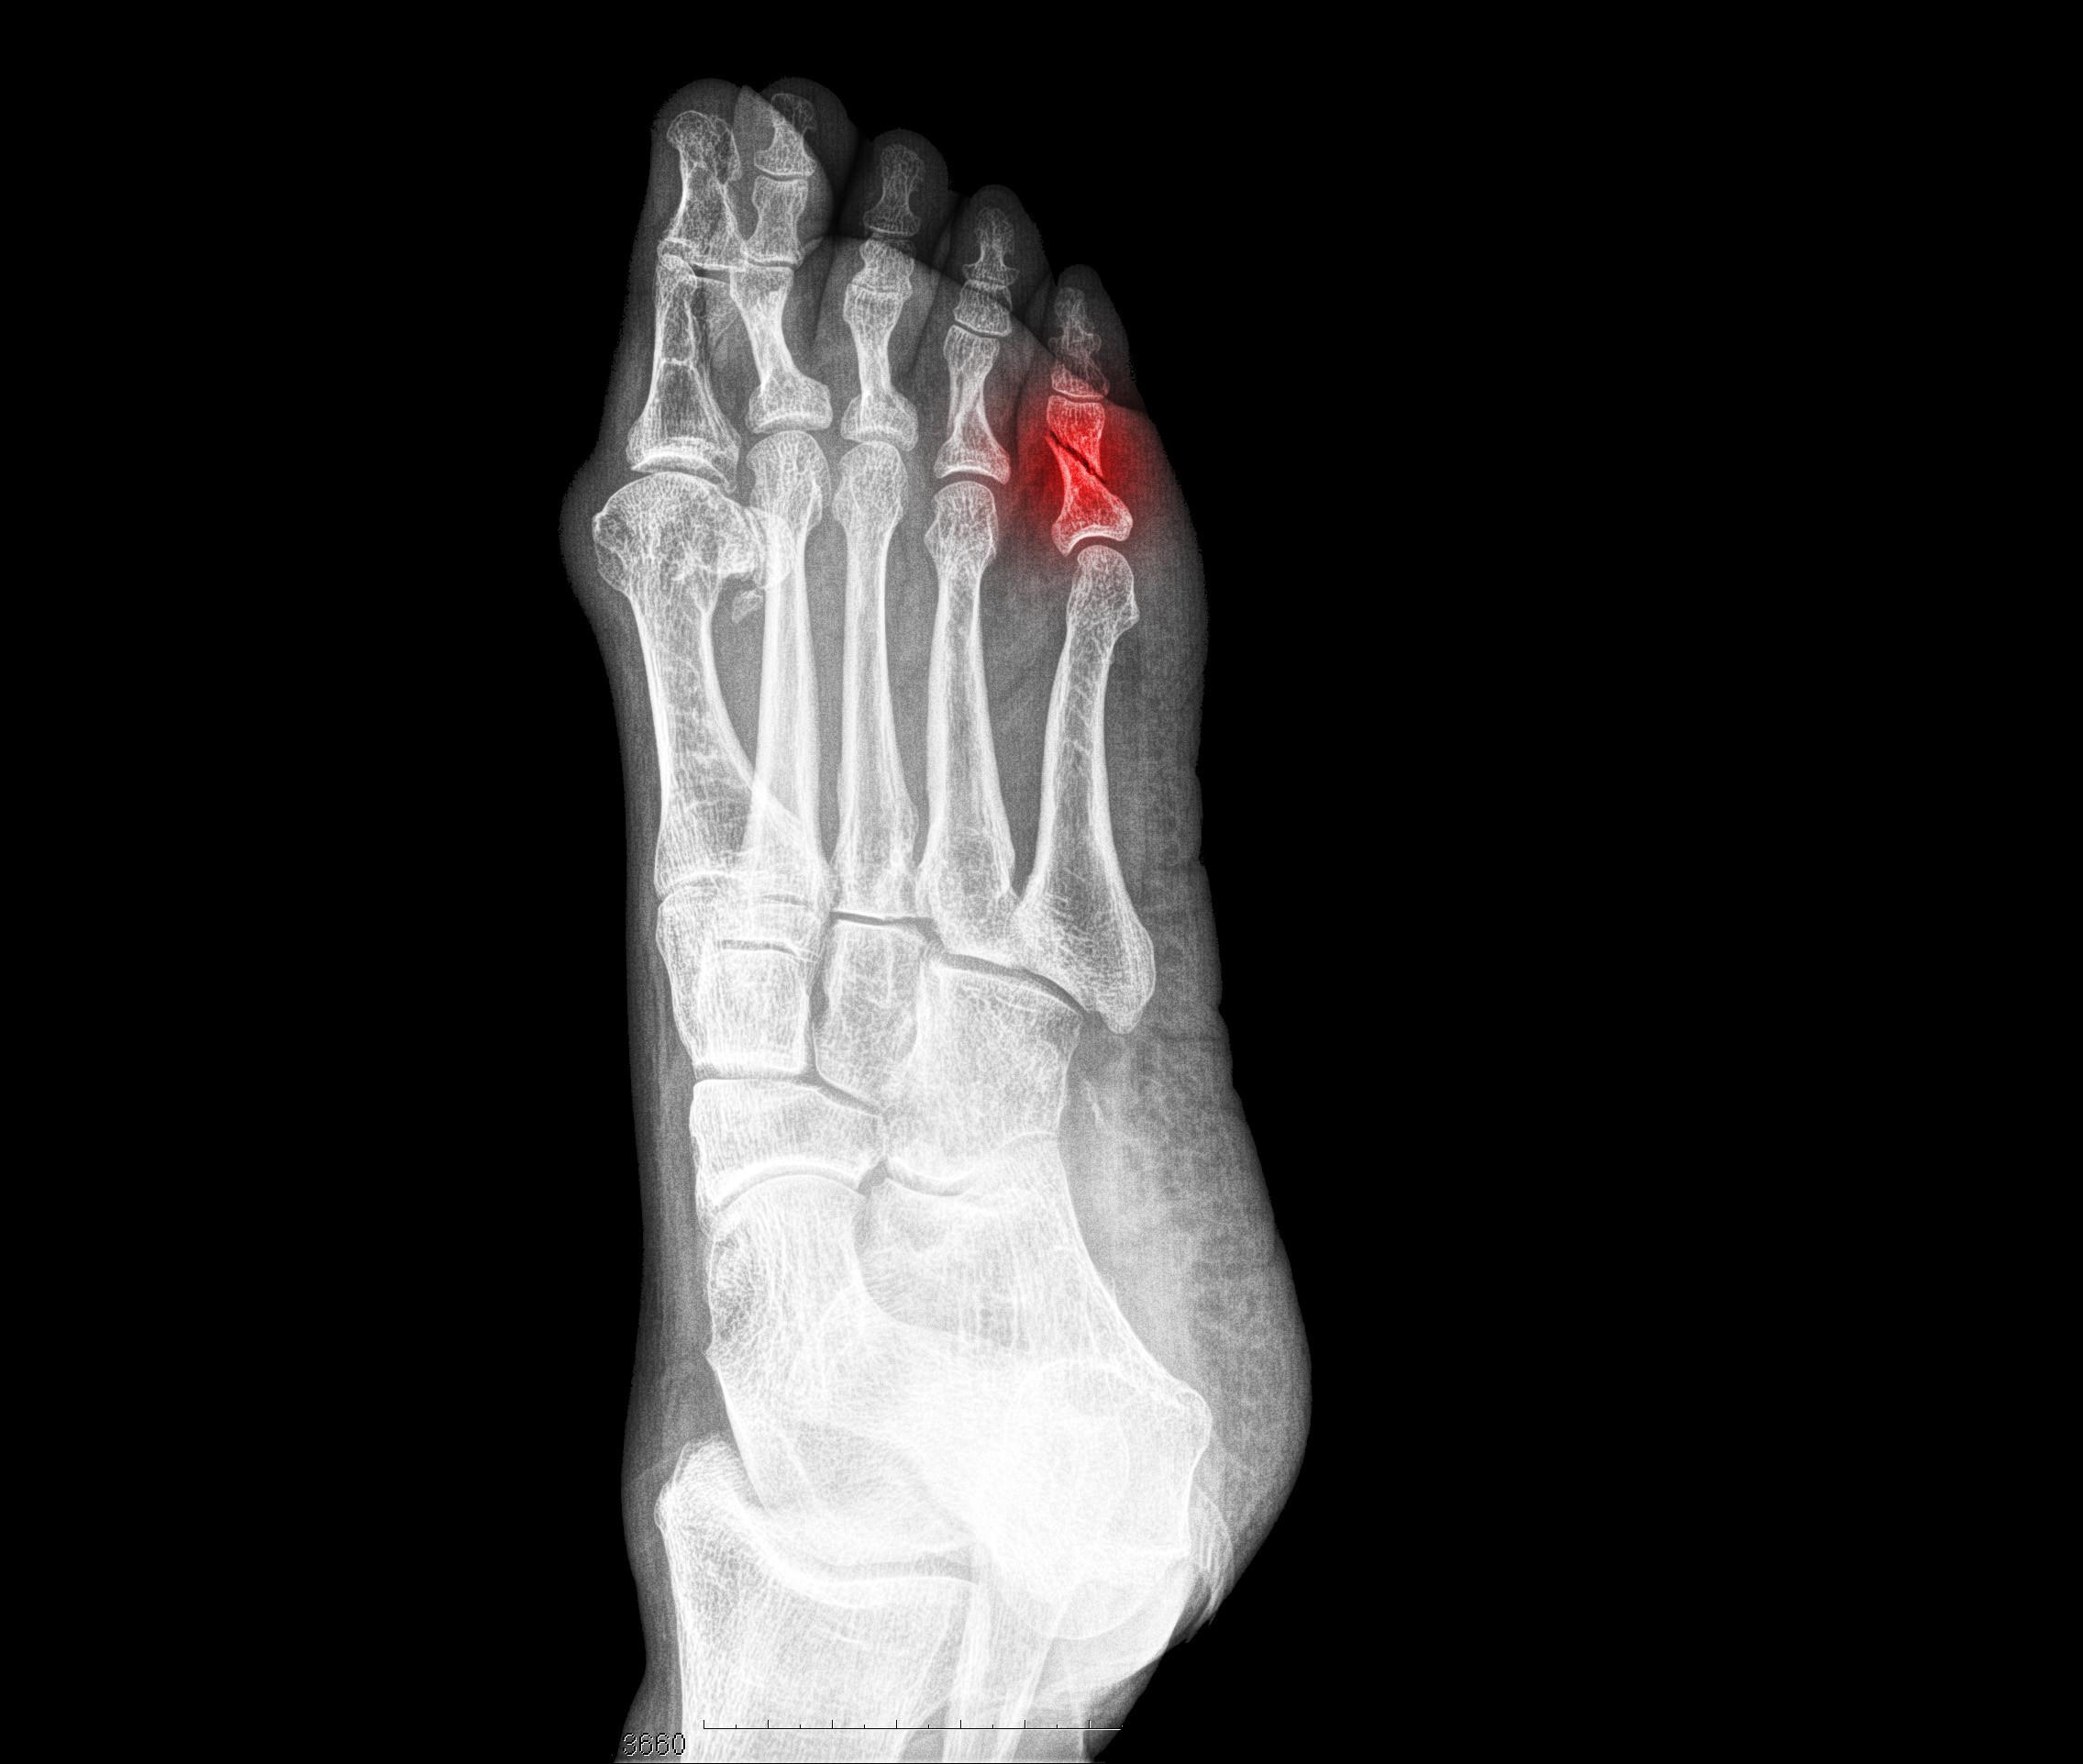 Röntgen Fuss Gebrochen